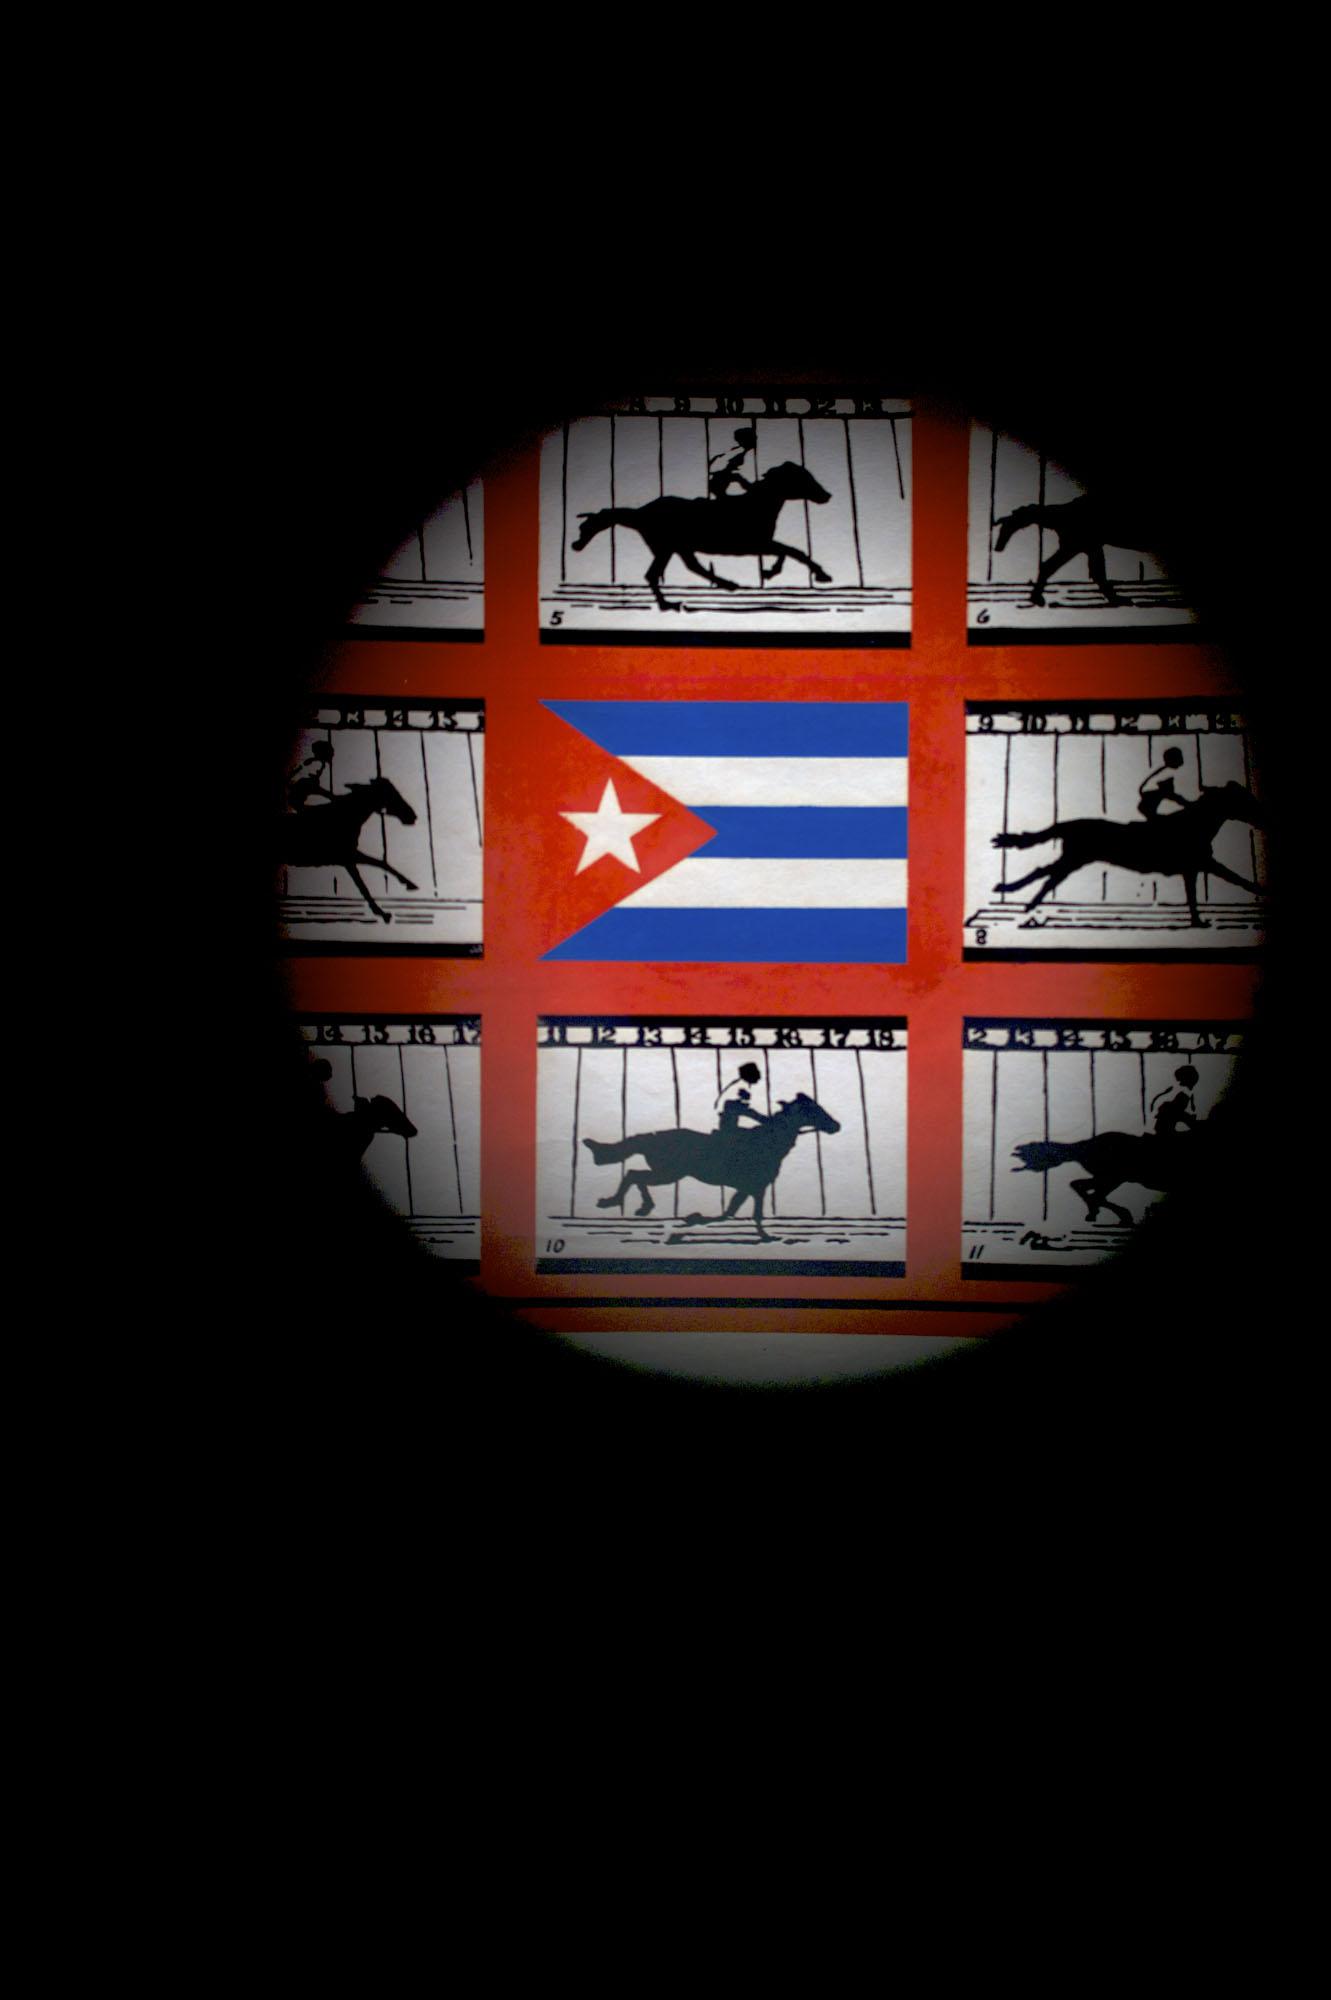 2013 cuba va web 02